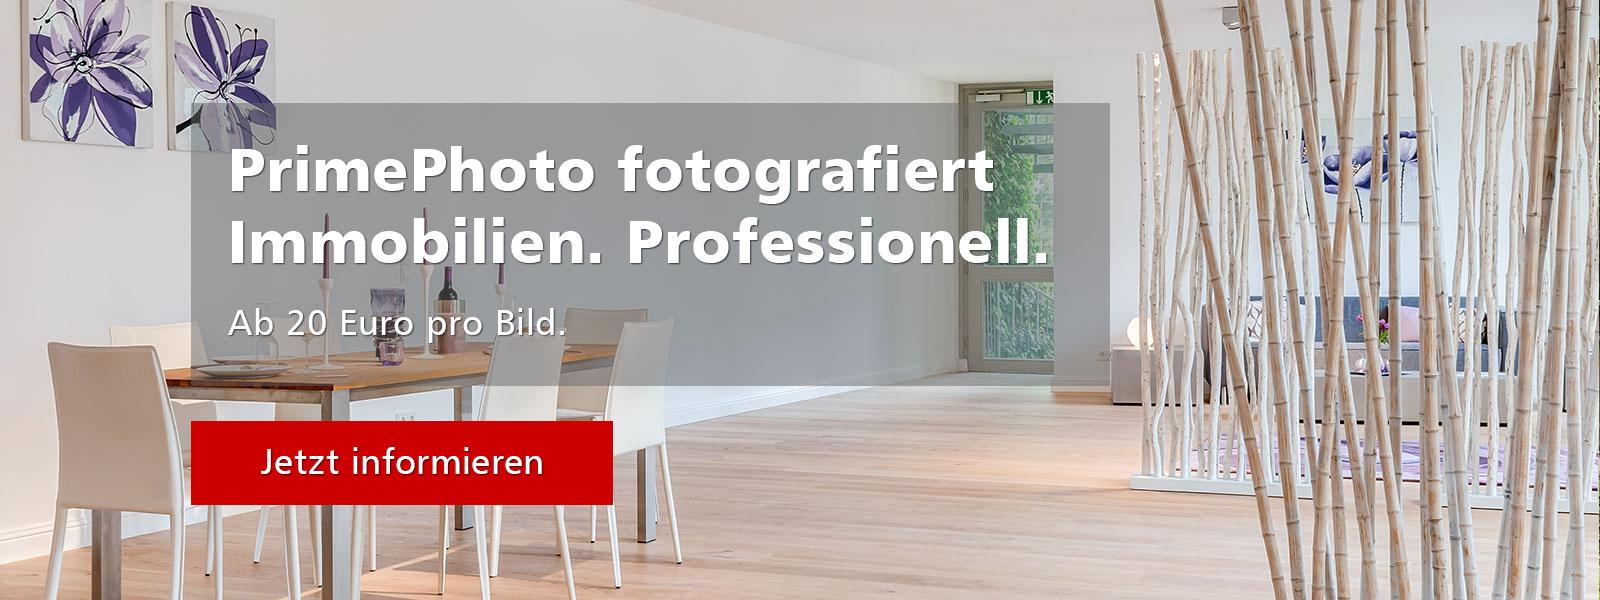 PrimePhoto fotografiert Immobilien. Professionell.